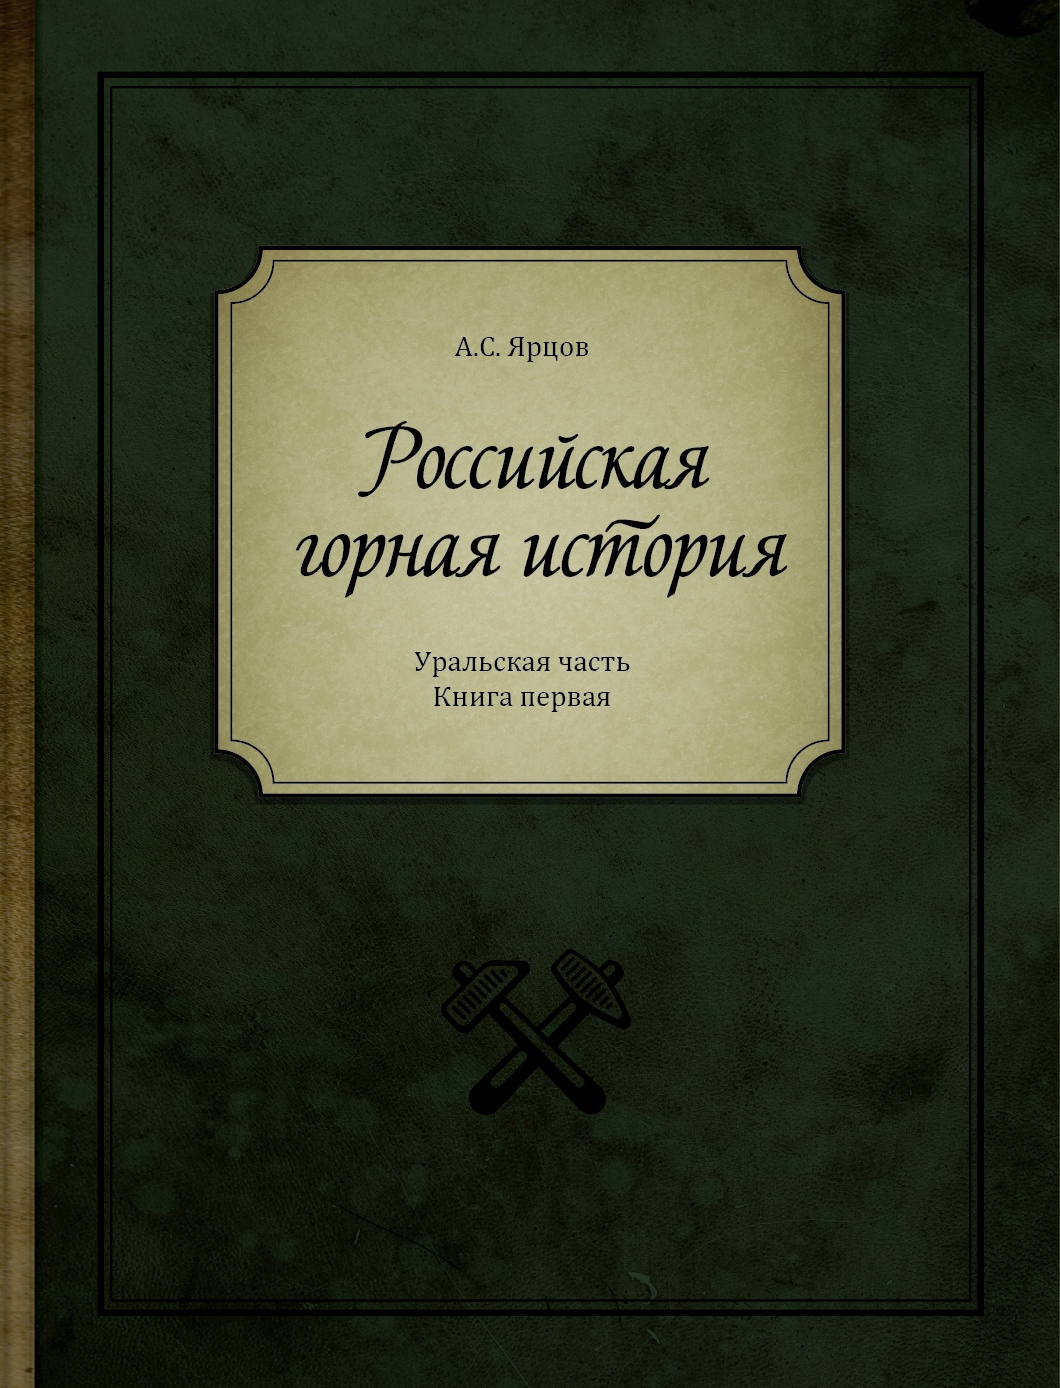 Российская горная история